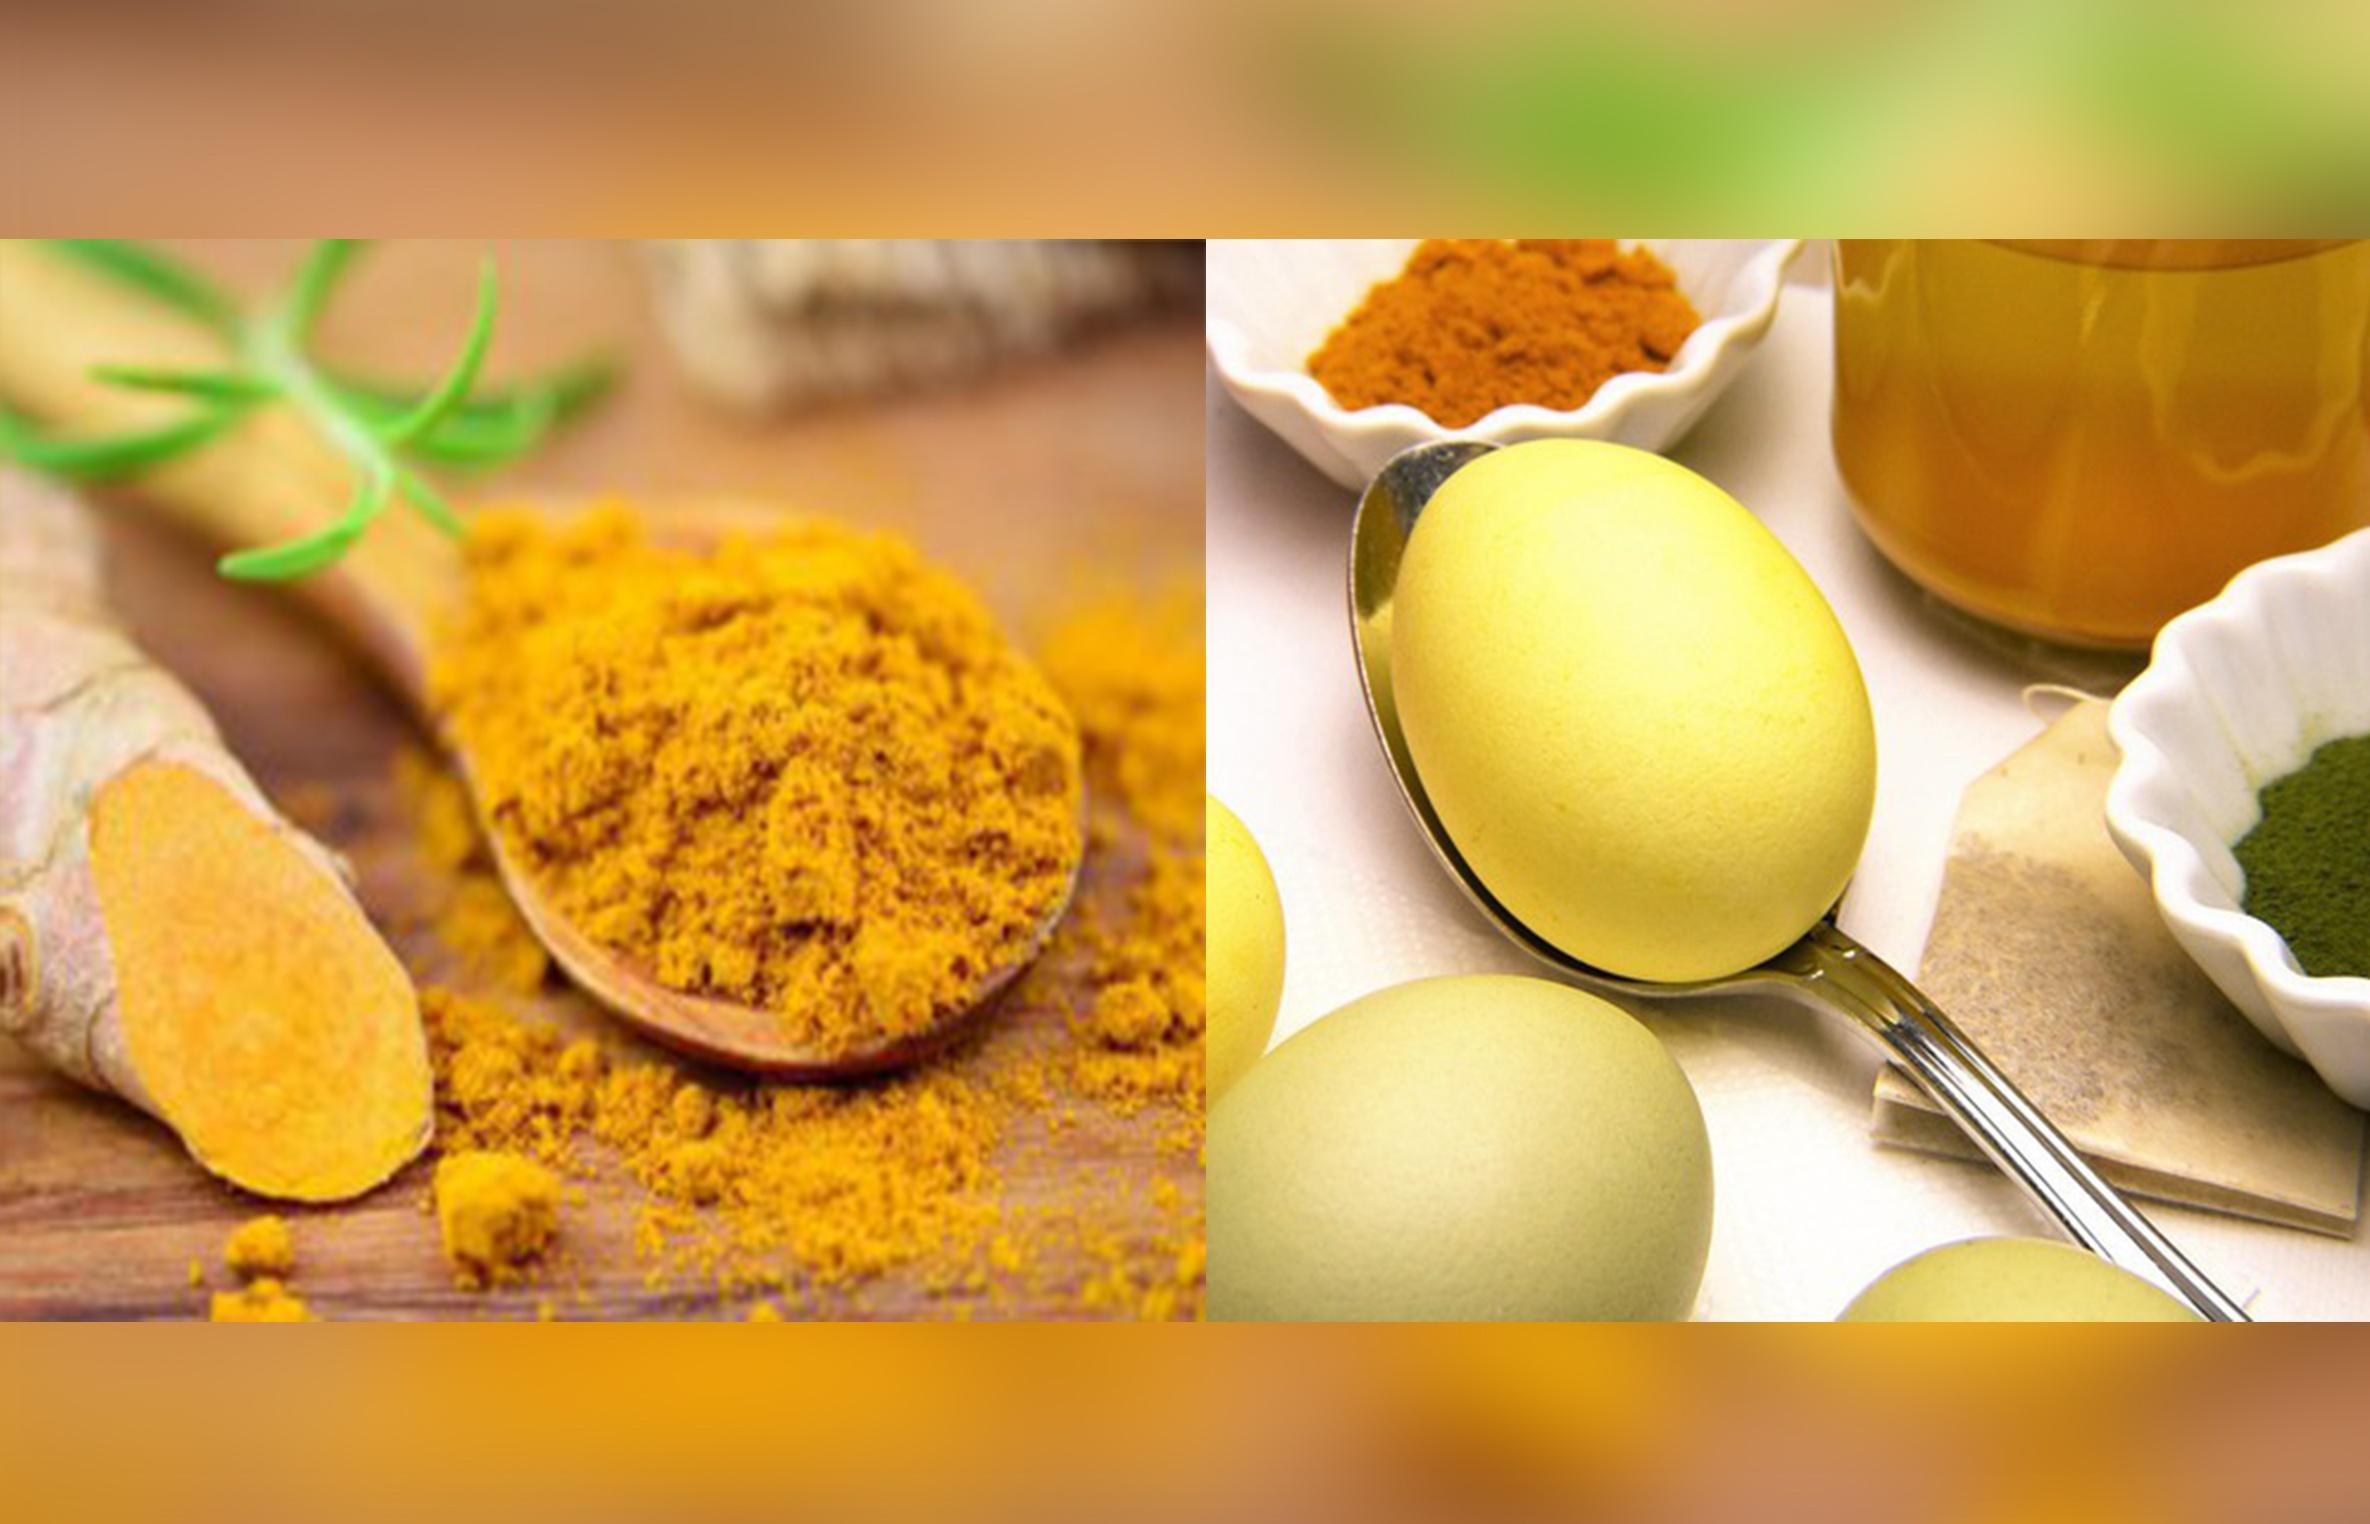 ВЕЛИКДЕН - Боядисване на яйца с натурални бои